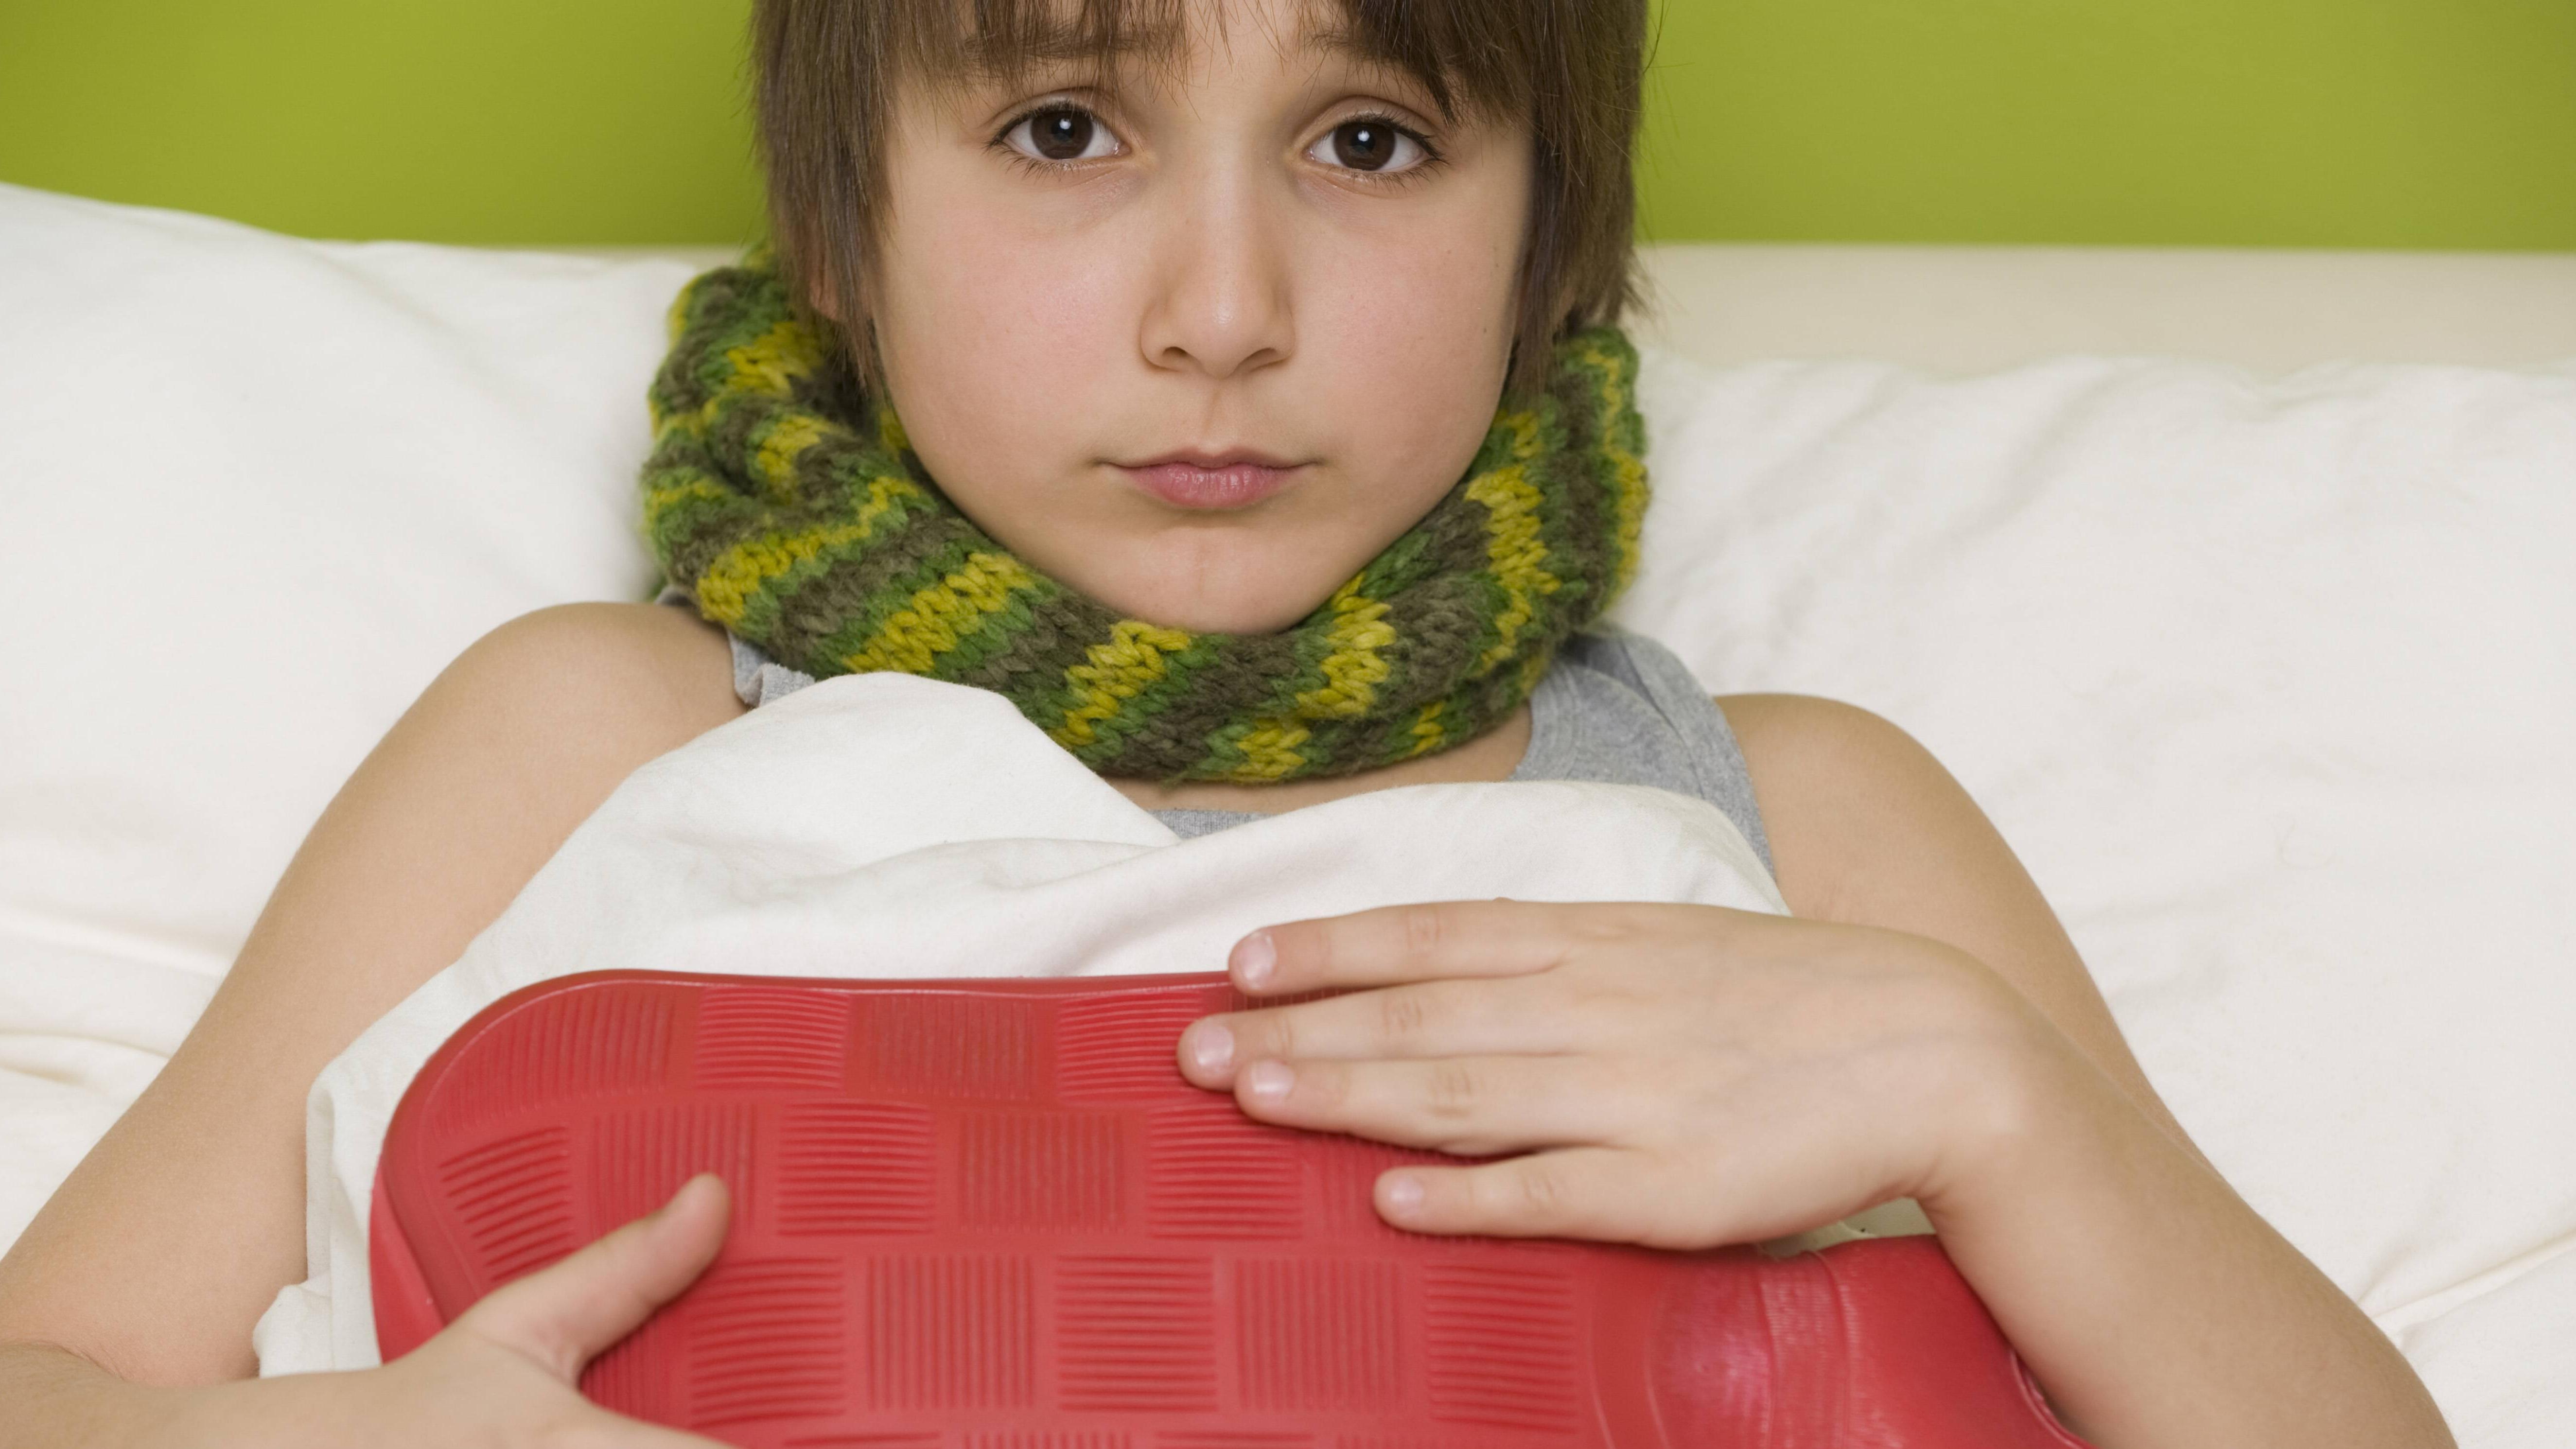 Darmspiegelung bei Kindern - so verlaufen die Untersuchungen